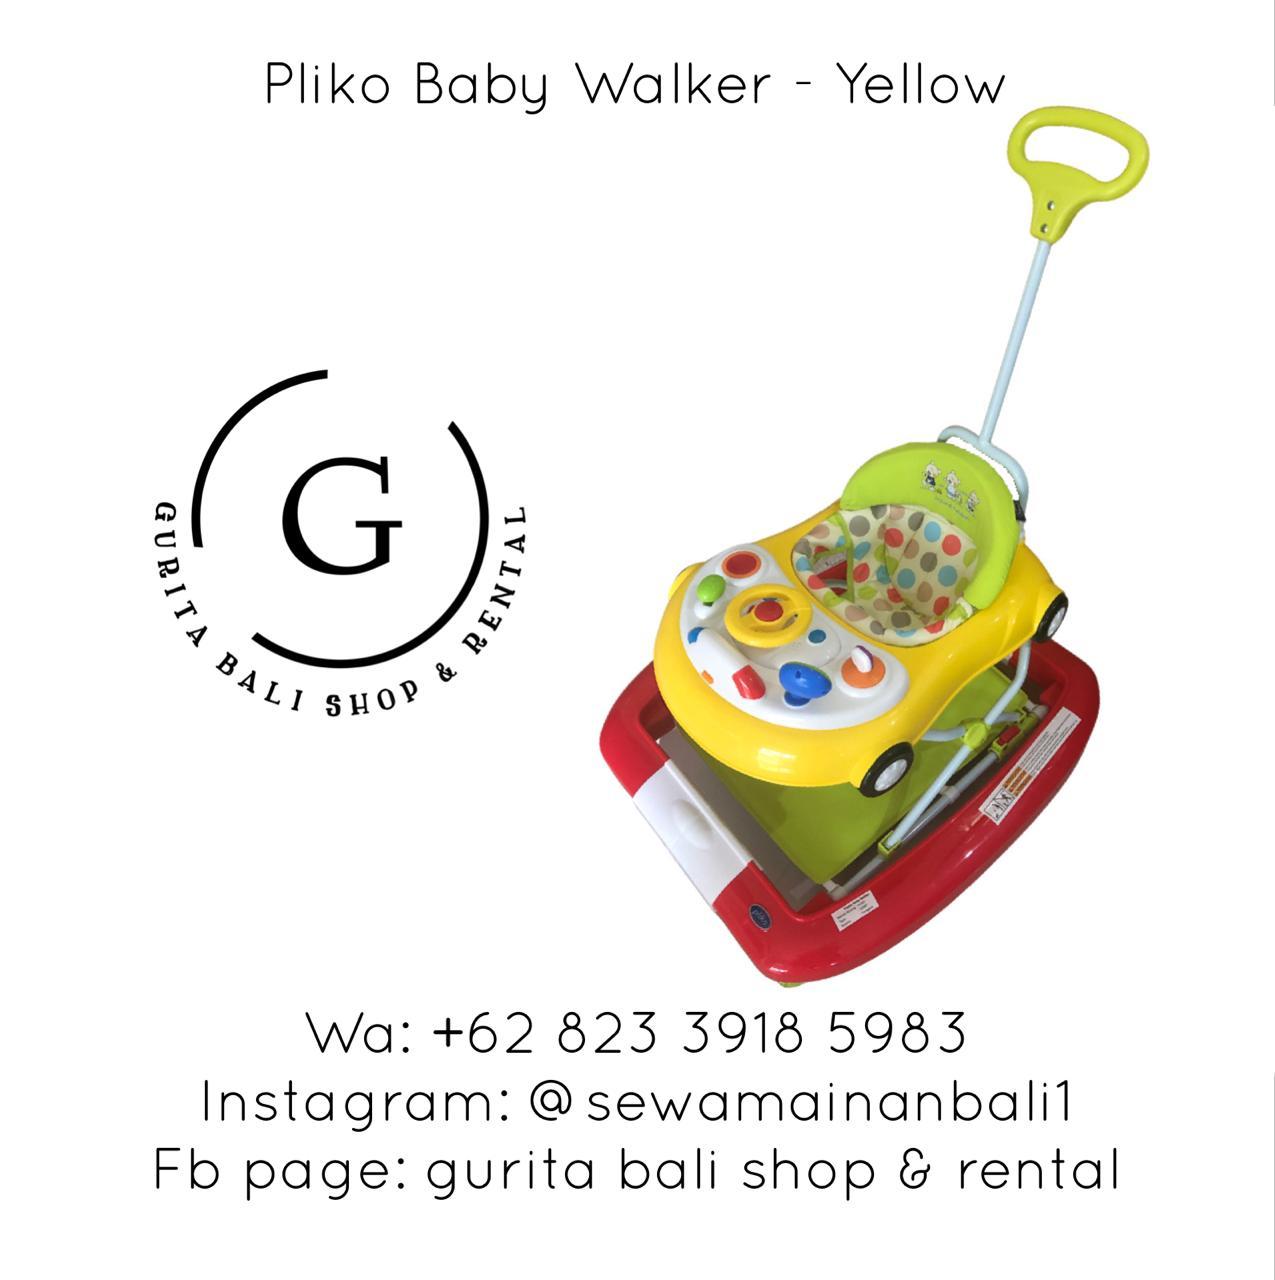 PLIKO BABY WALKER YELLOW